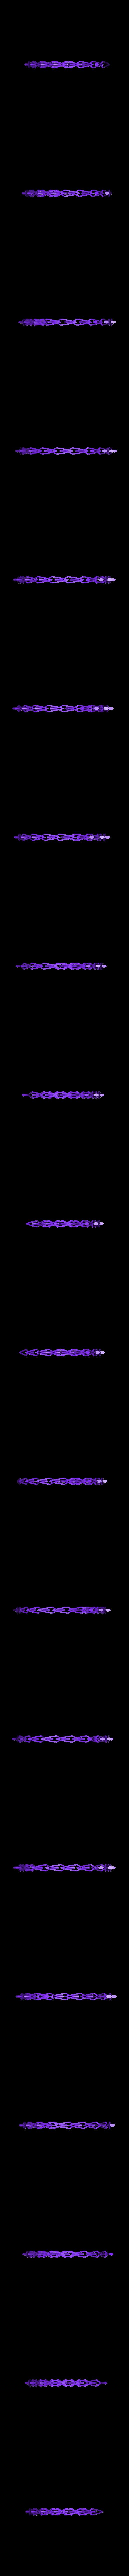 Bracelet taille 1.stl Download free STL file Bracelet • 3D printing model, gialerital